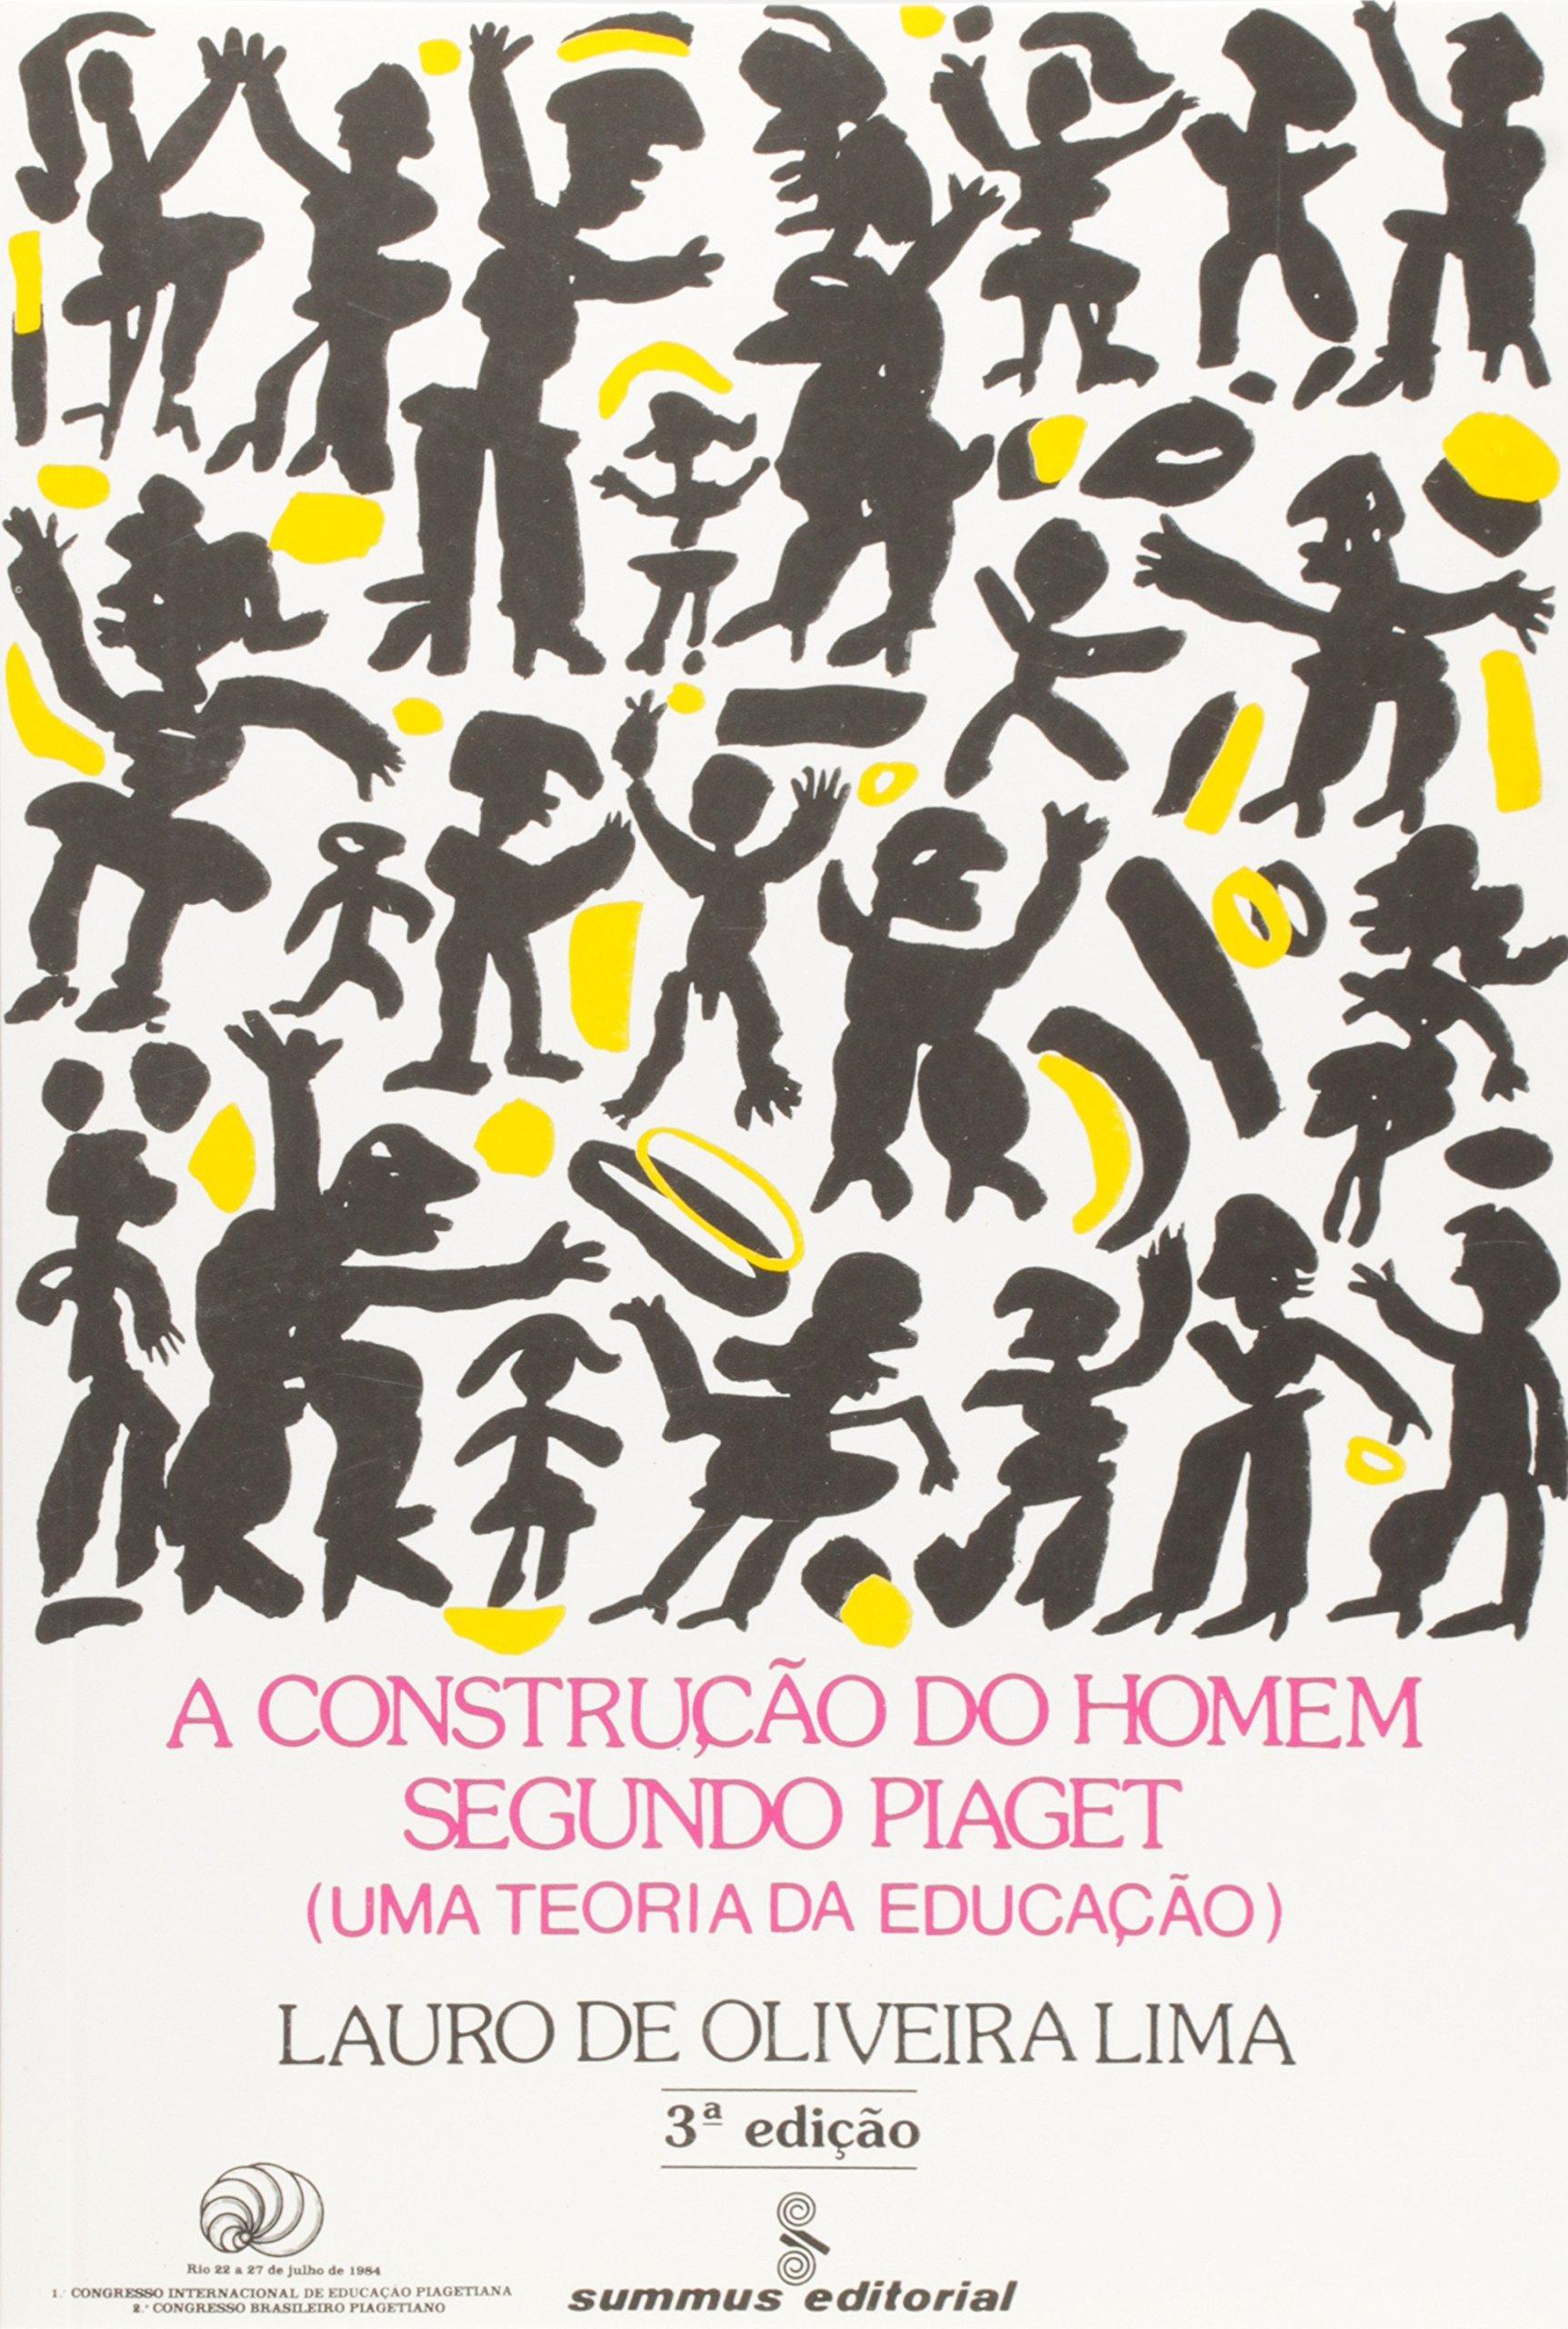 75168e80147 A construção do homem segundo Piaget  uma teoria da educação -  9788532301864 - Livros na Amazon Brasil